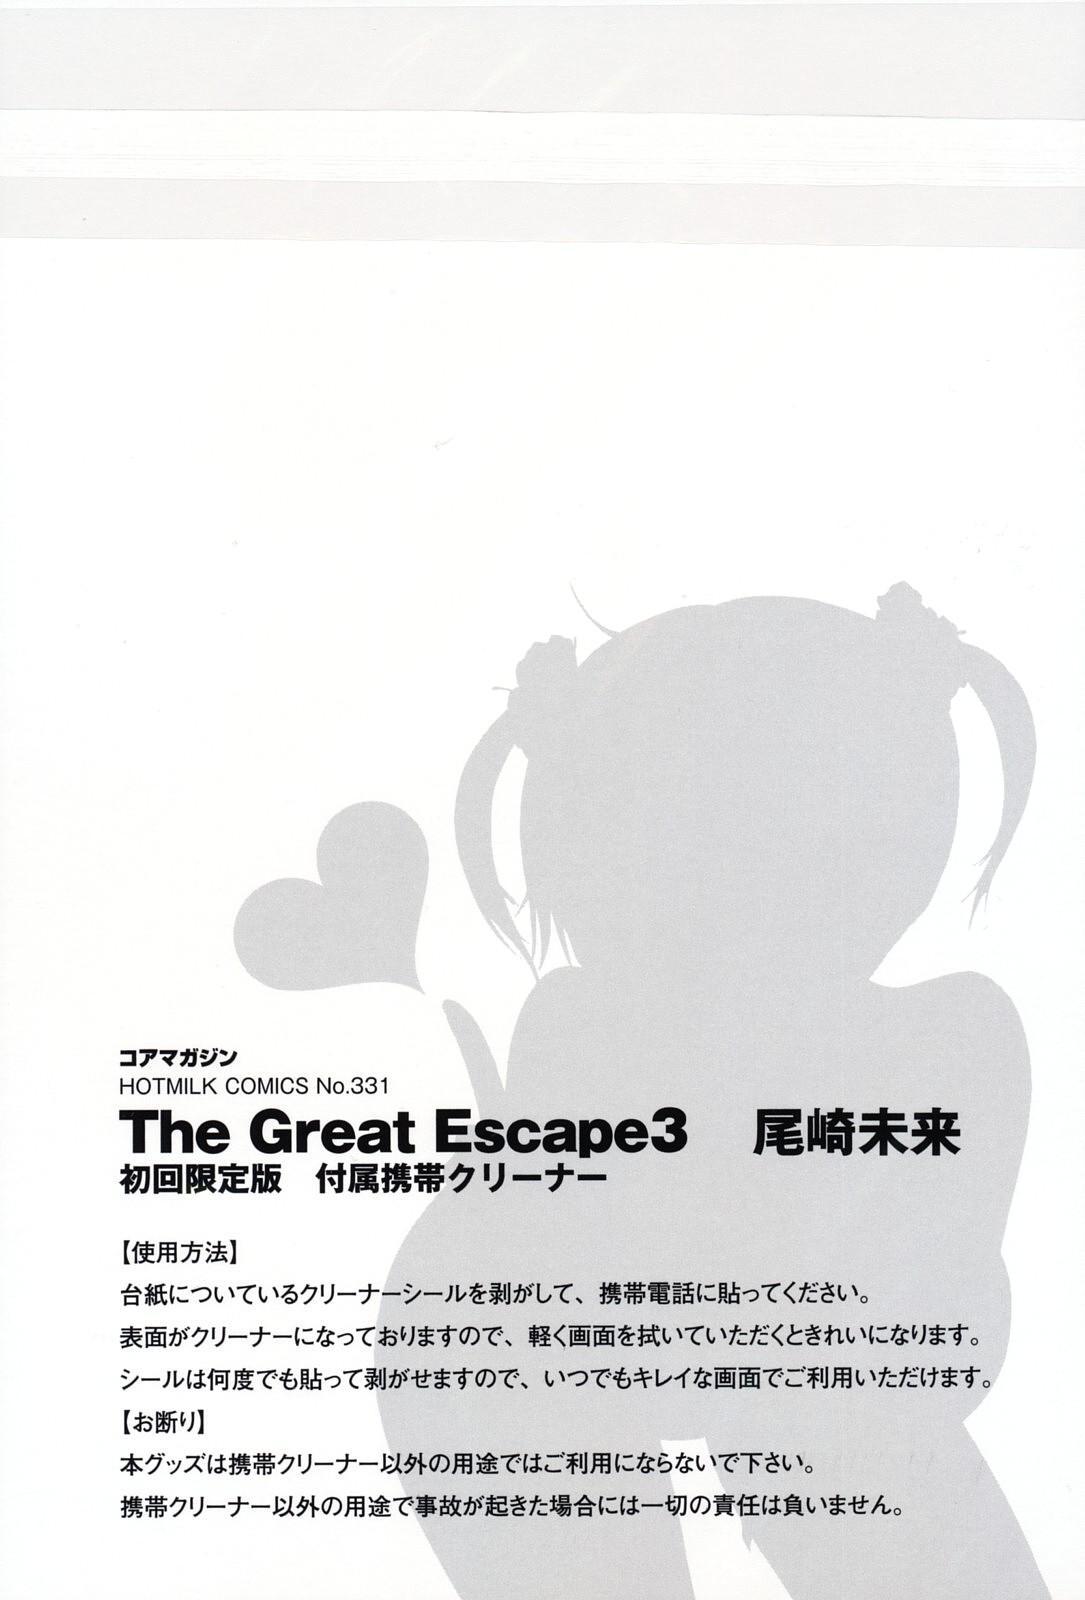 The Great Escape 3 5